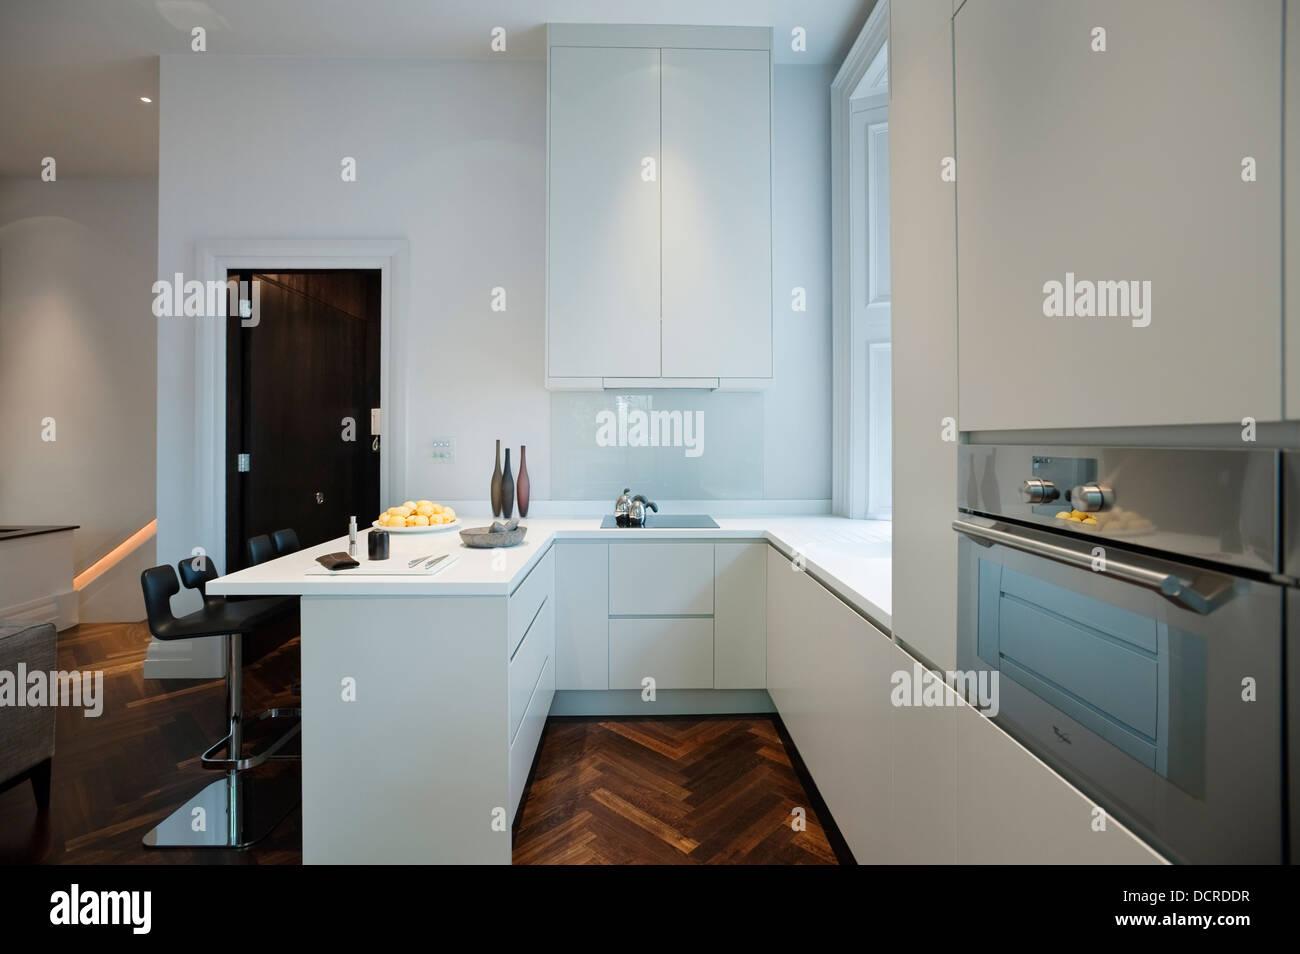 Weiße Küche mit Lagerung und Integral in London Stadtwohnung ...